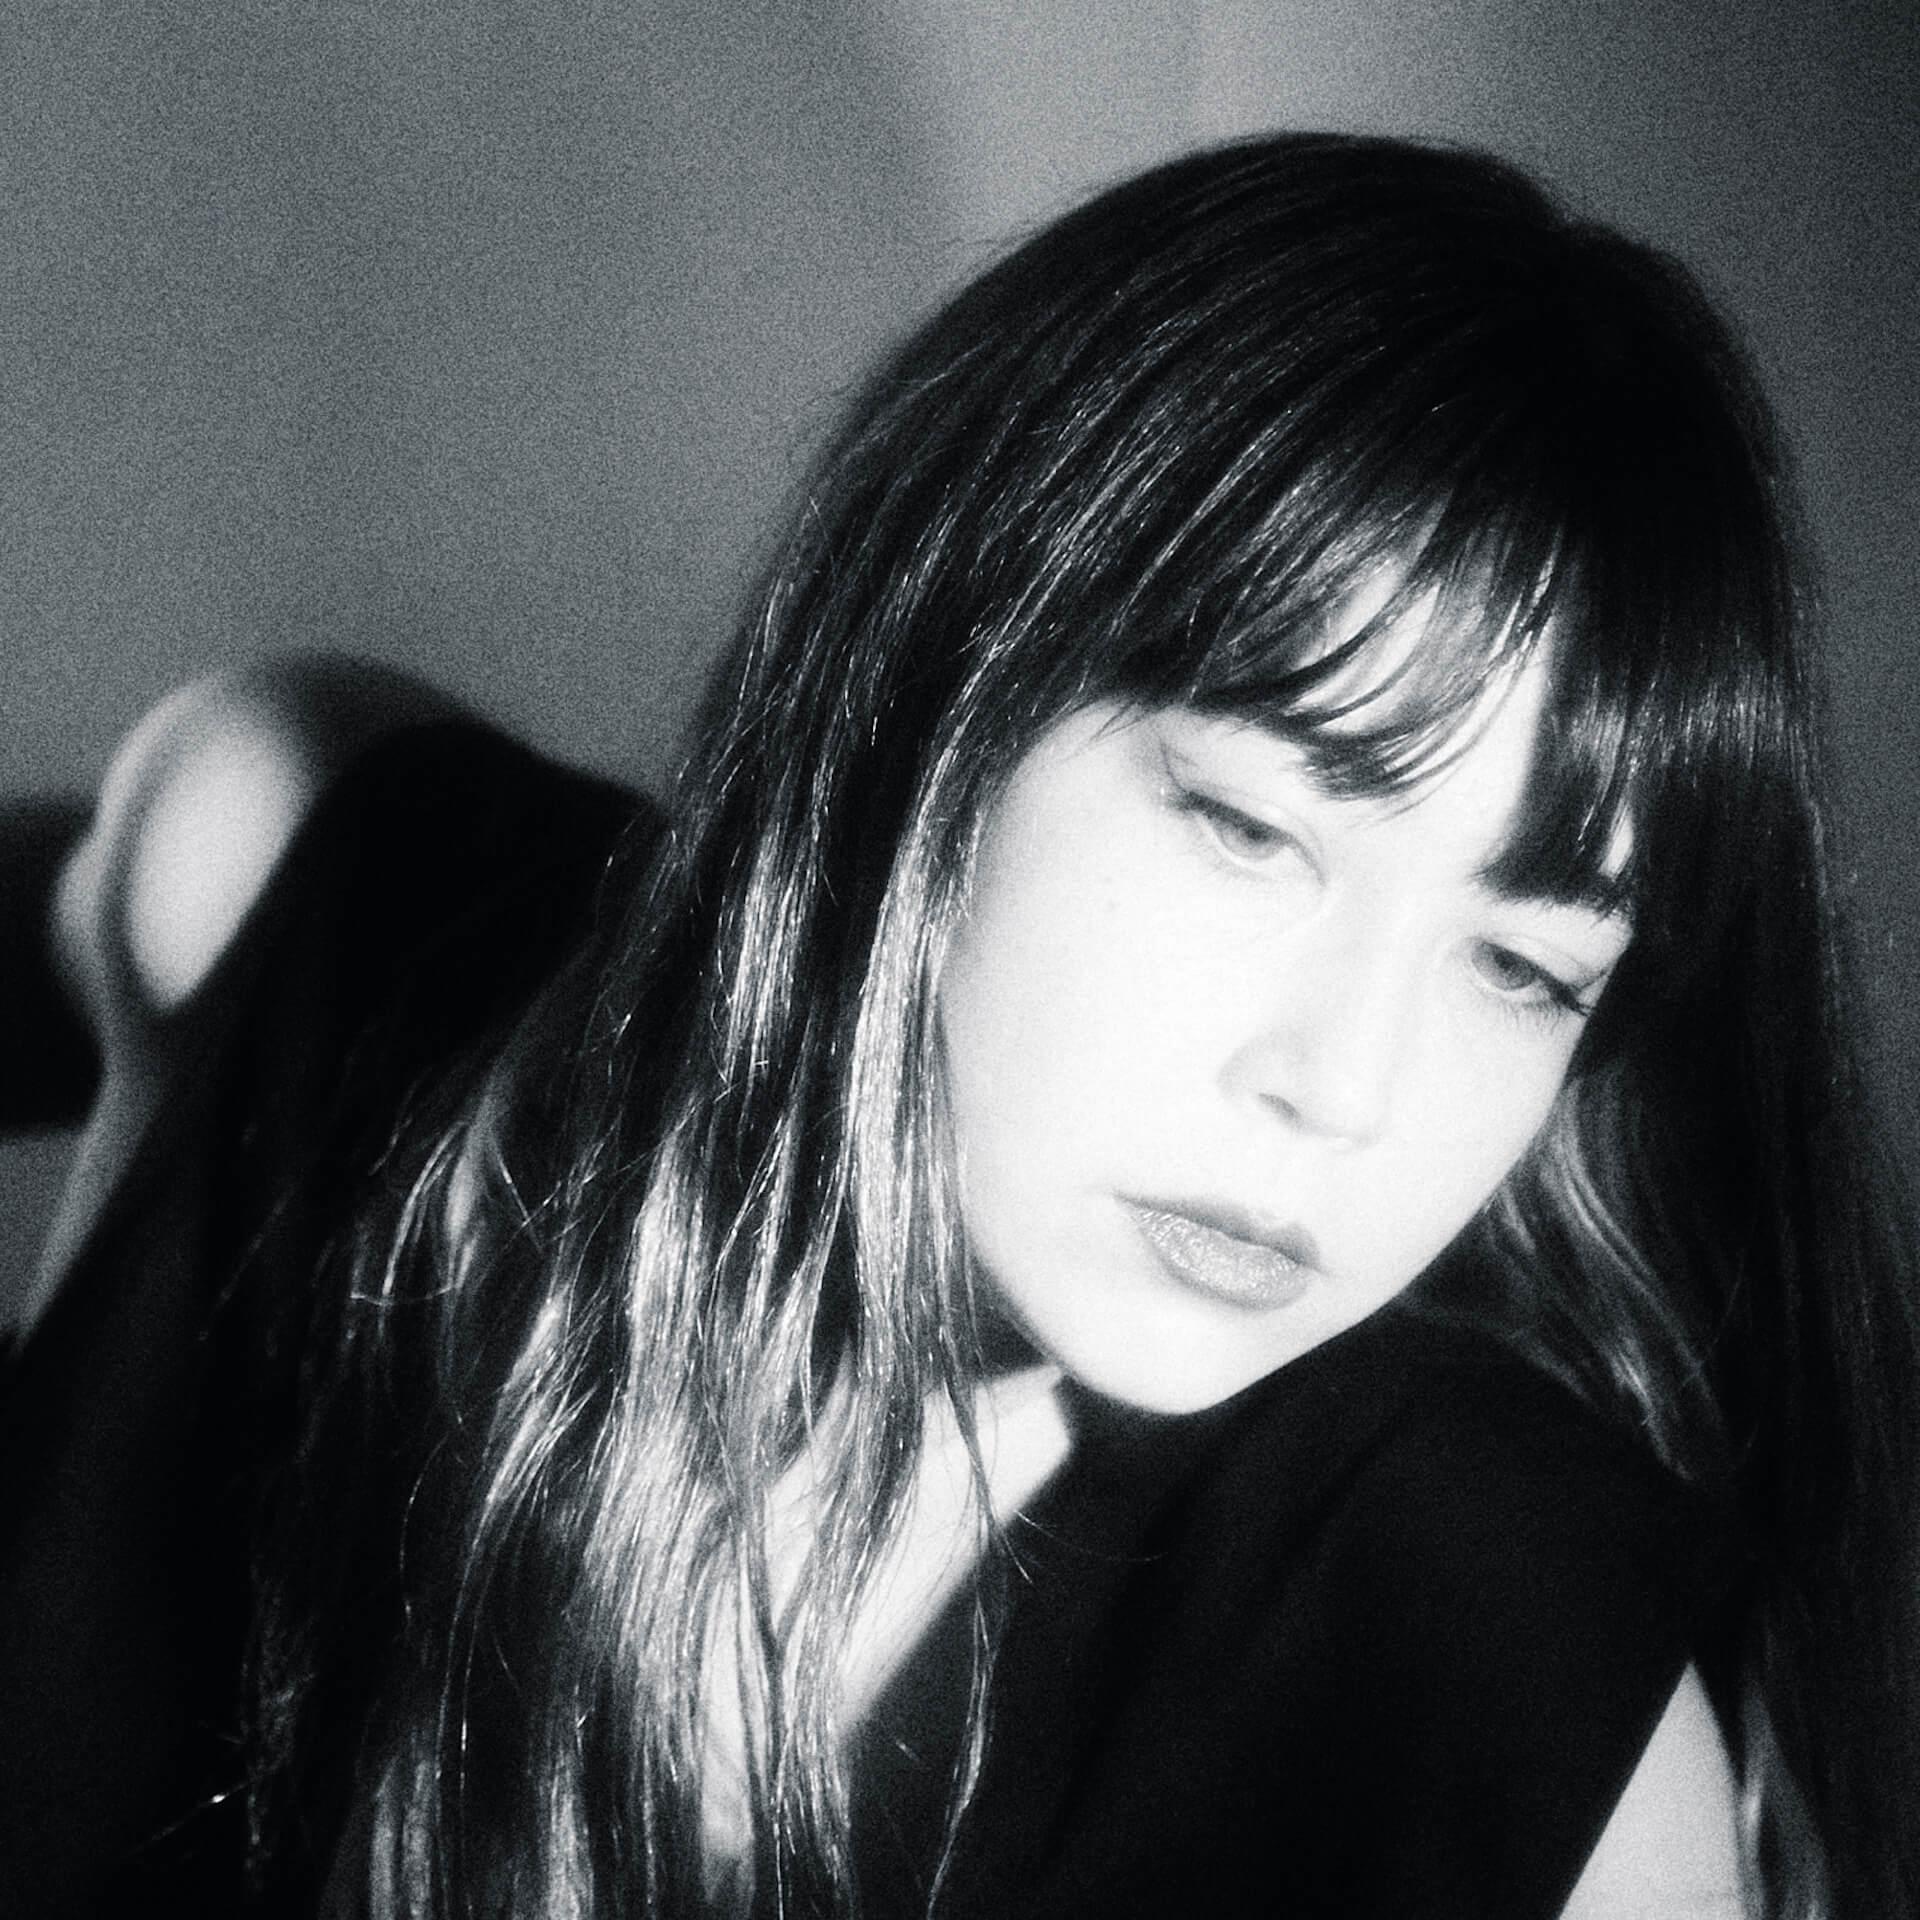 インタビュー:PEOPLEAP『THE SWEETEST TABOO』シリーズ Vol.2 RYU MIENO art201130_peopleap_ryumieno_09